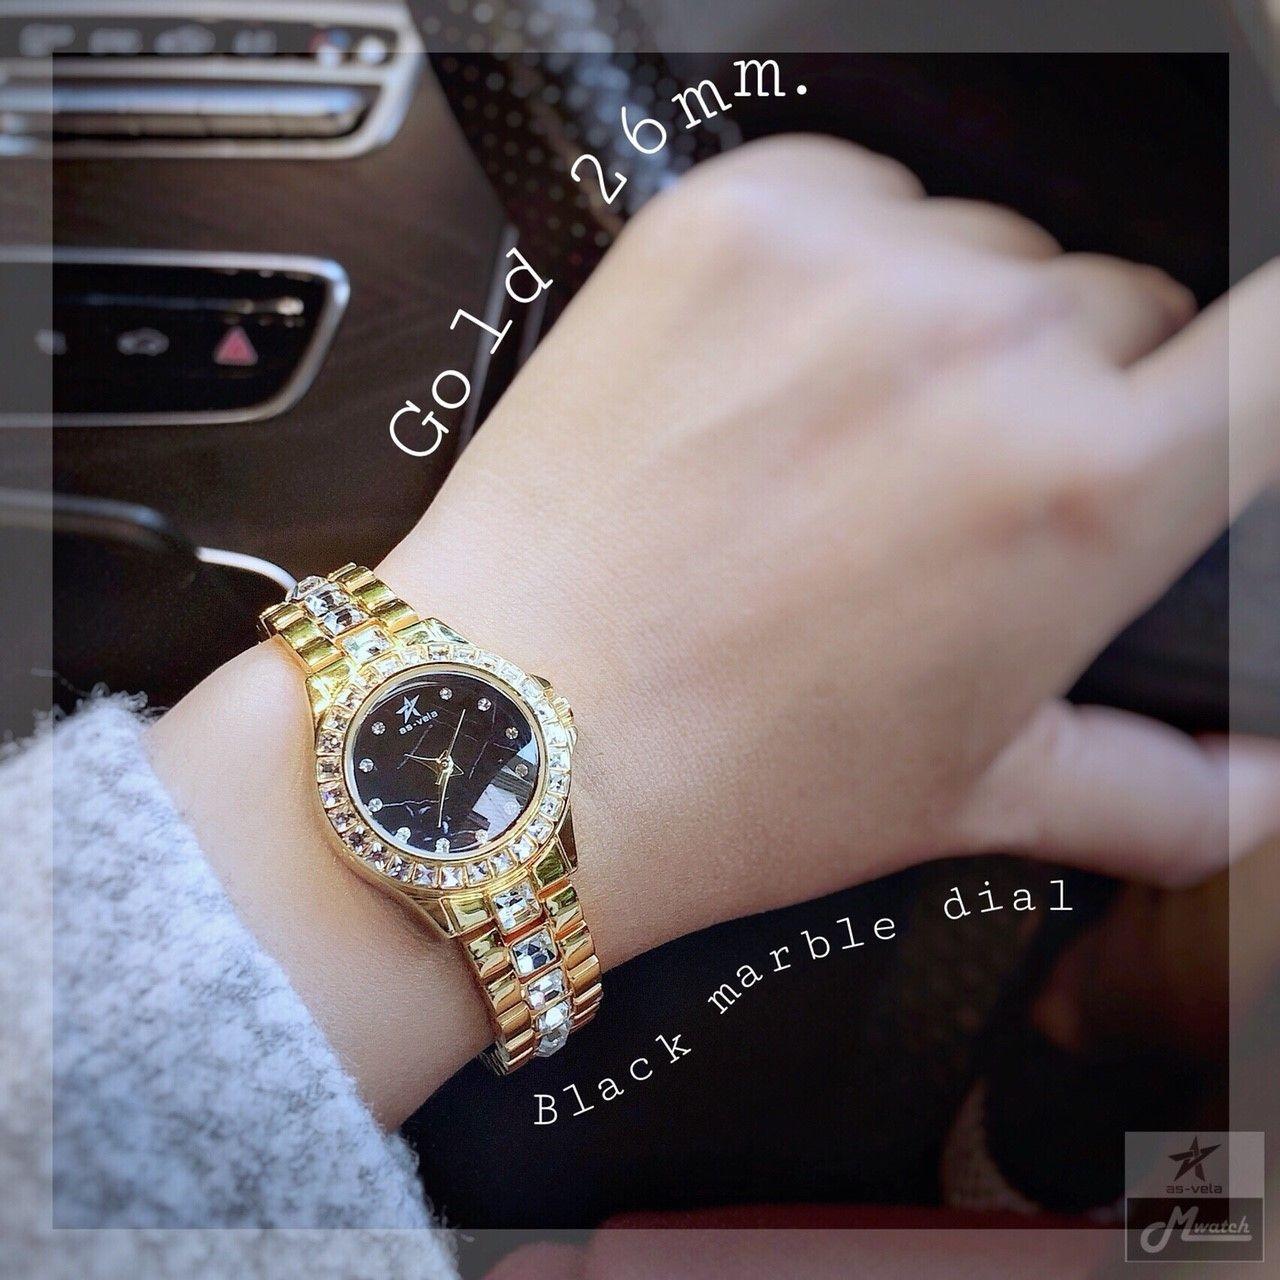 271 นาฬิกาข้อมือผู้หญิงหน้าปัดหินแท้ สีทอง